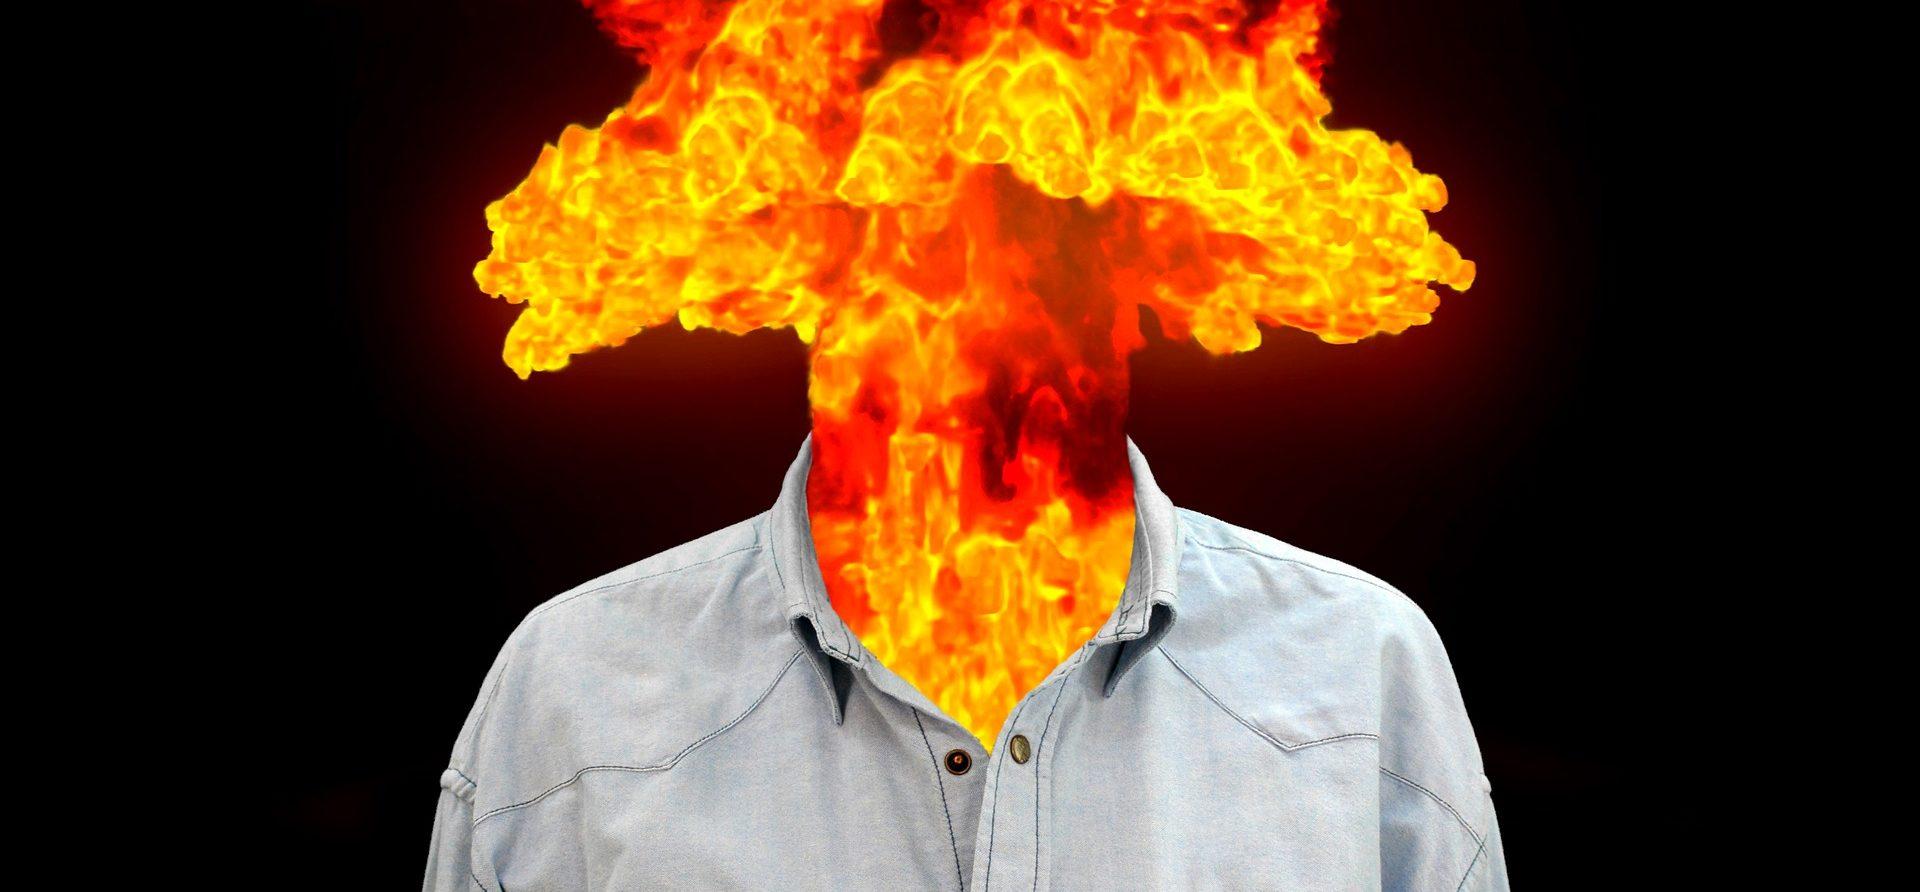 Feuerexplosion aus dem Hemdkragen